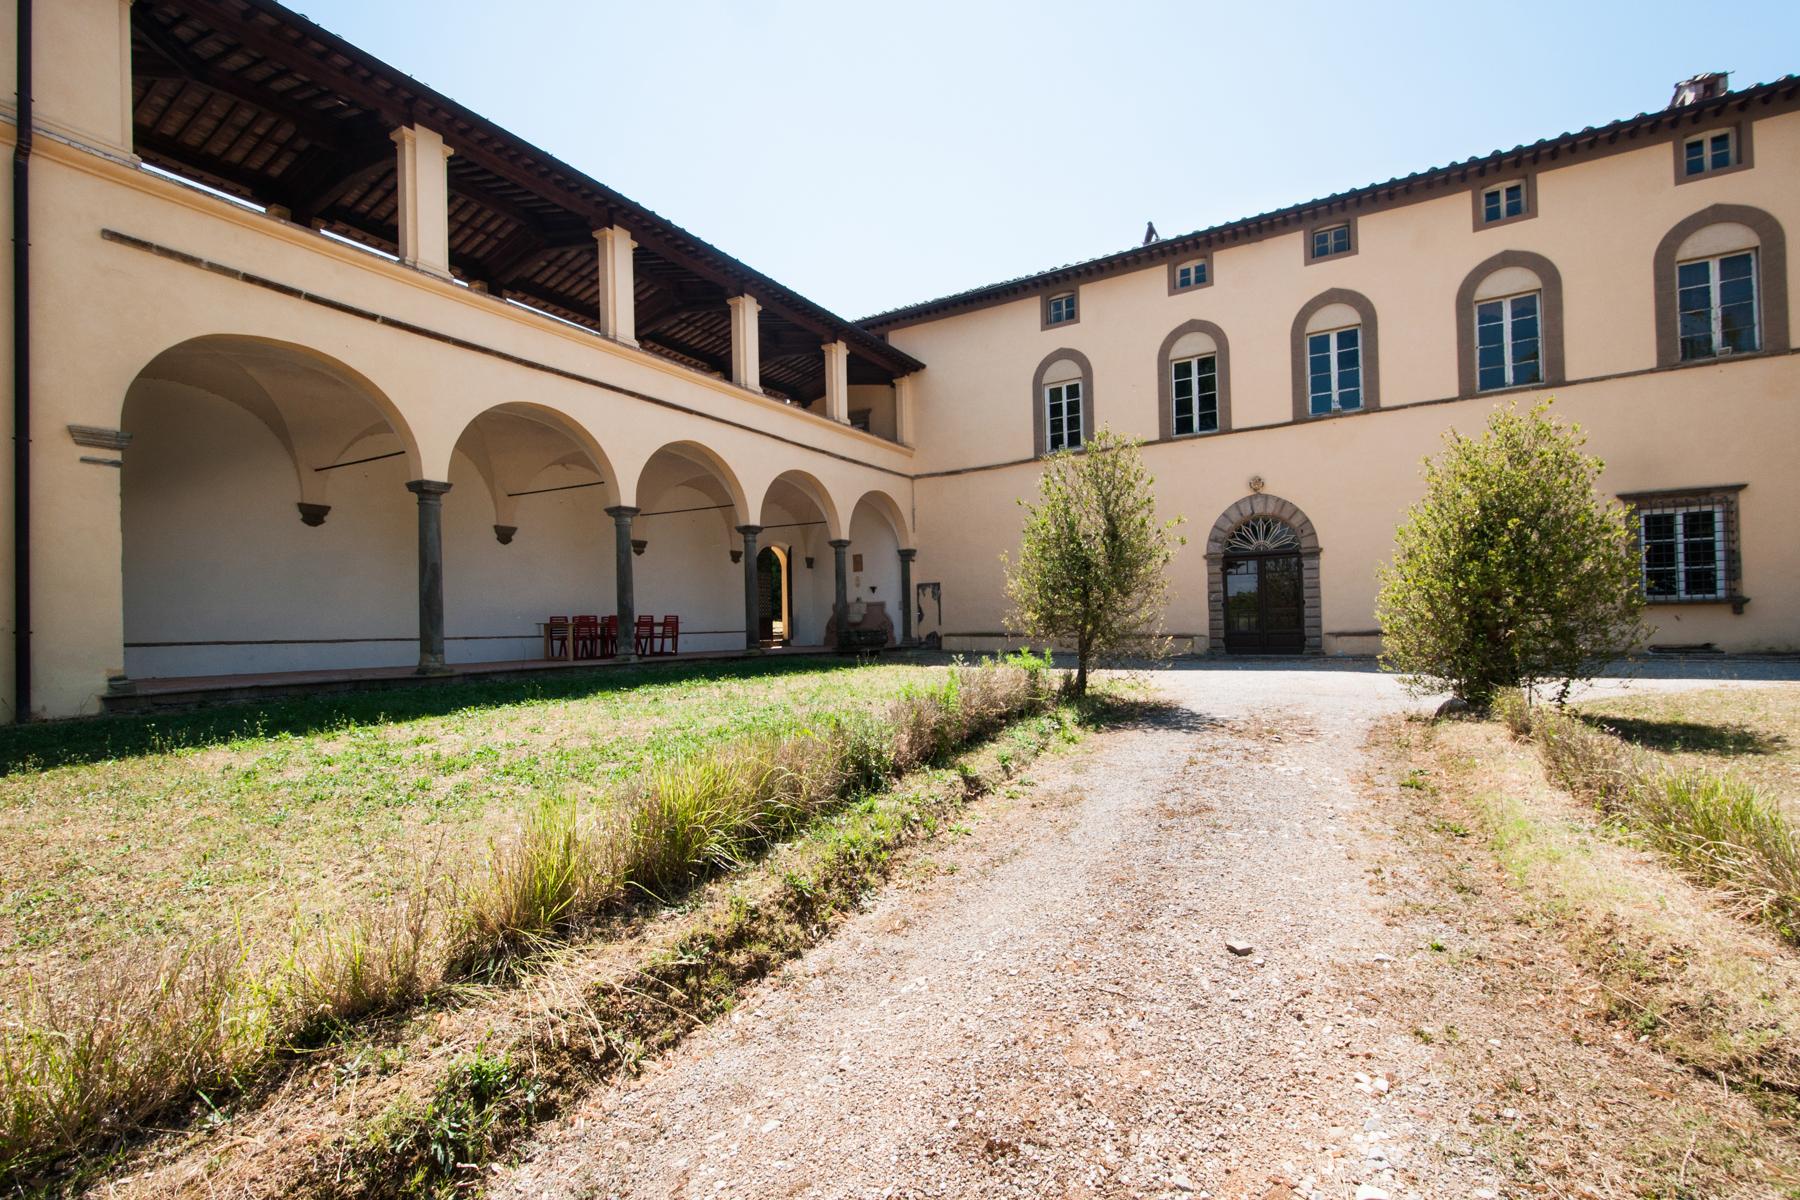 Single Family Home for Sale at Splendid villa in Lucca countryside Via di Vicopelago Pozzuolo, Lucca 55100 Italy